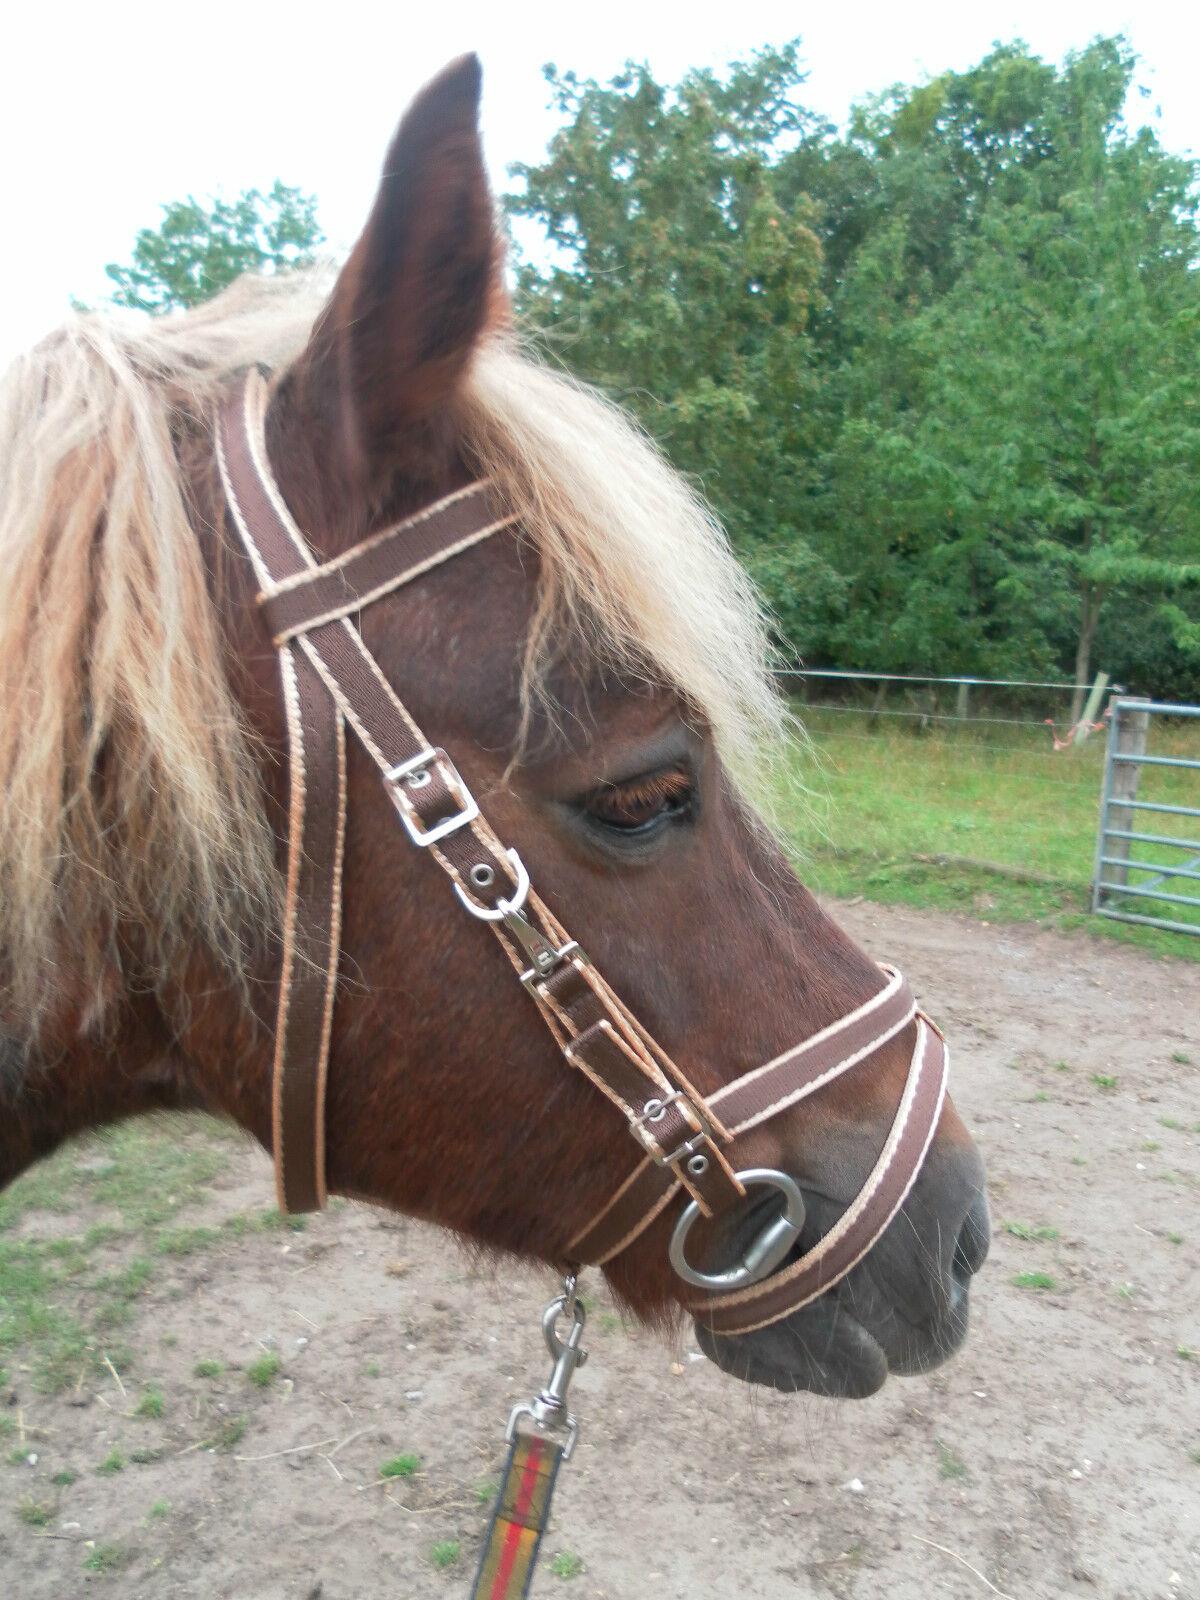 Official Libby's Exmoor Bridle Small Pony Pony Cob Full Extra Full Horse